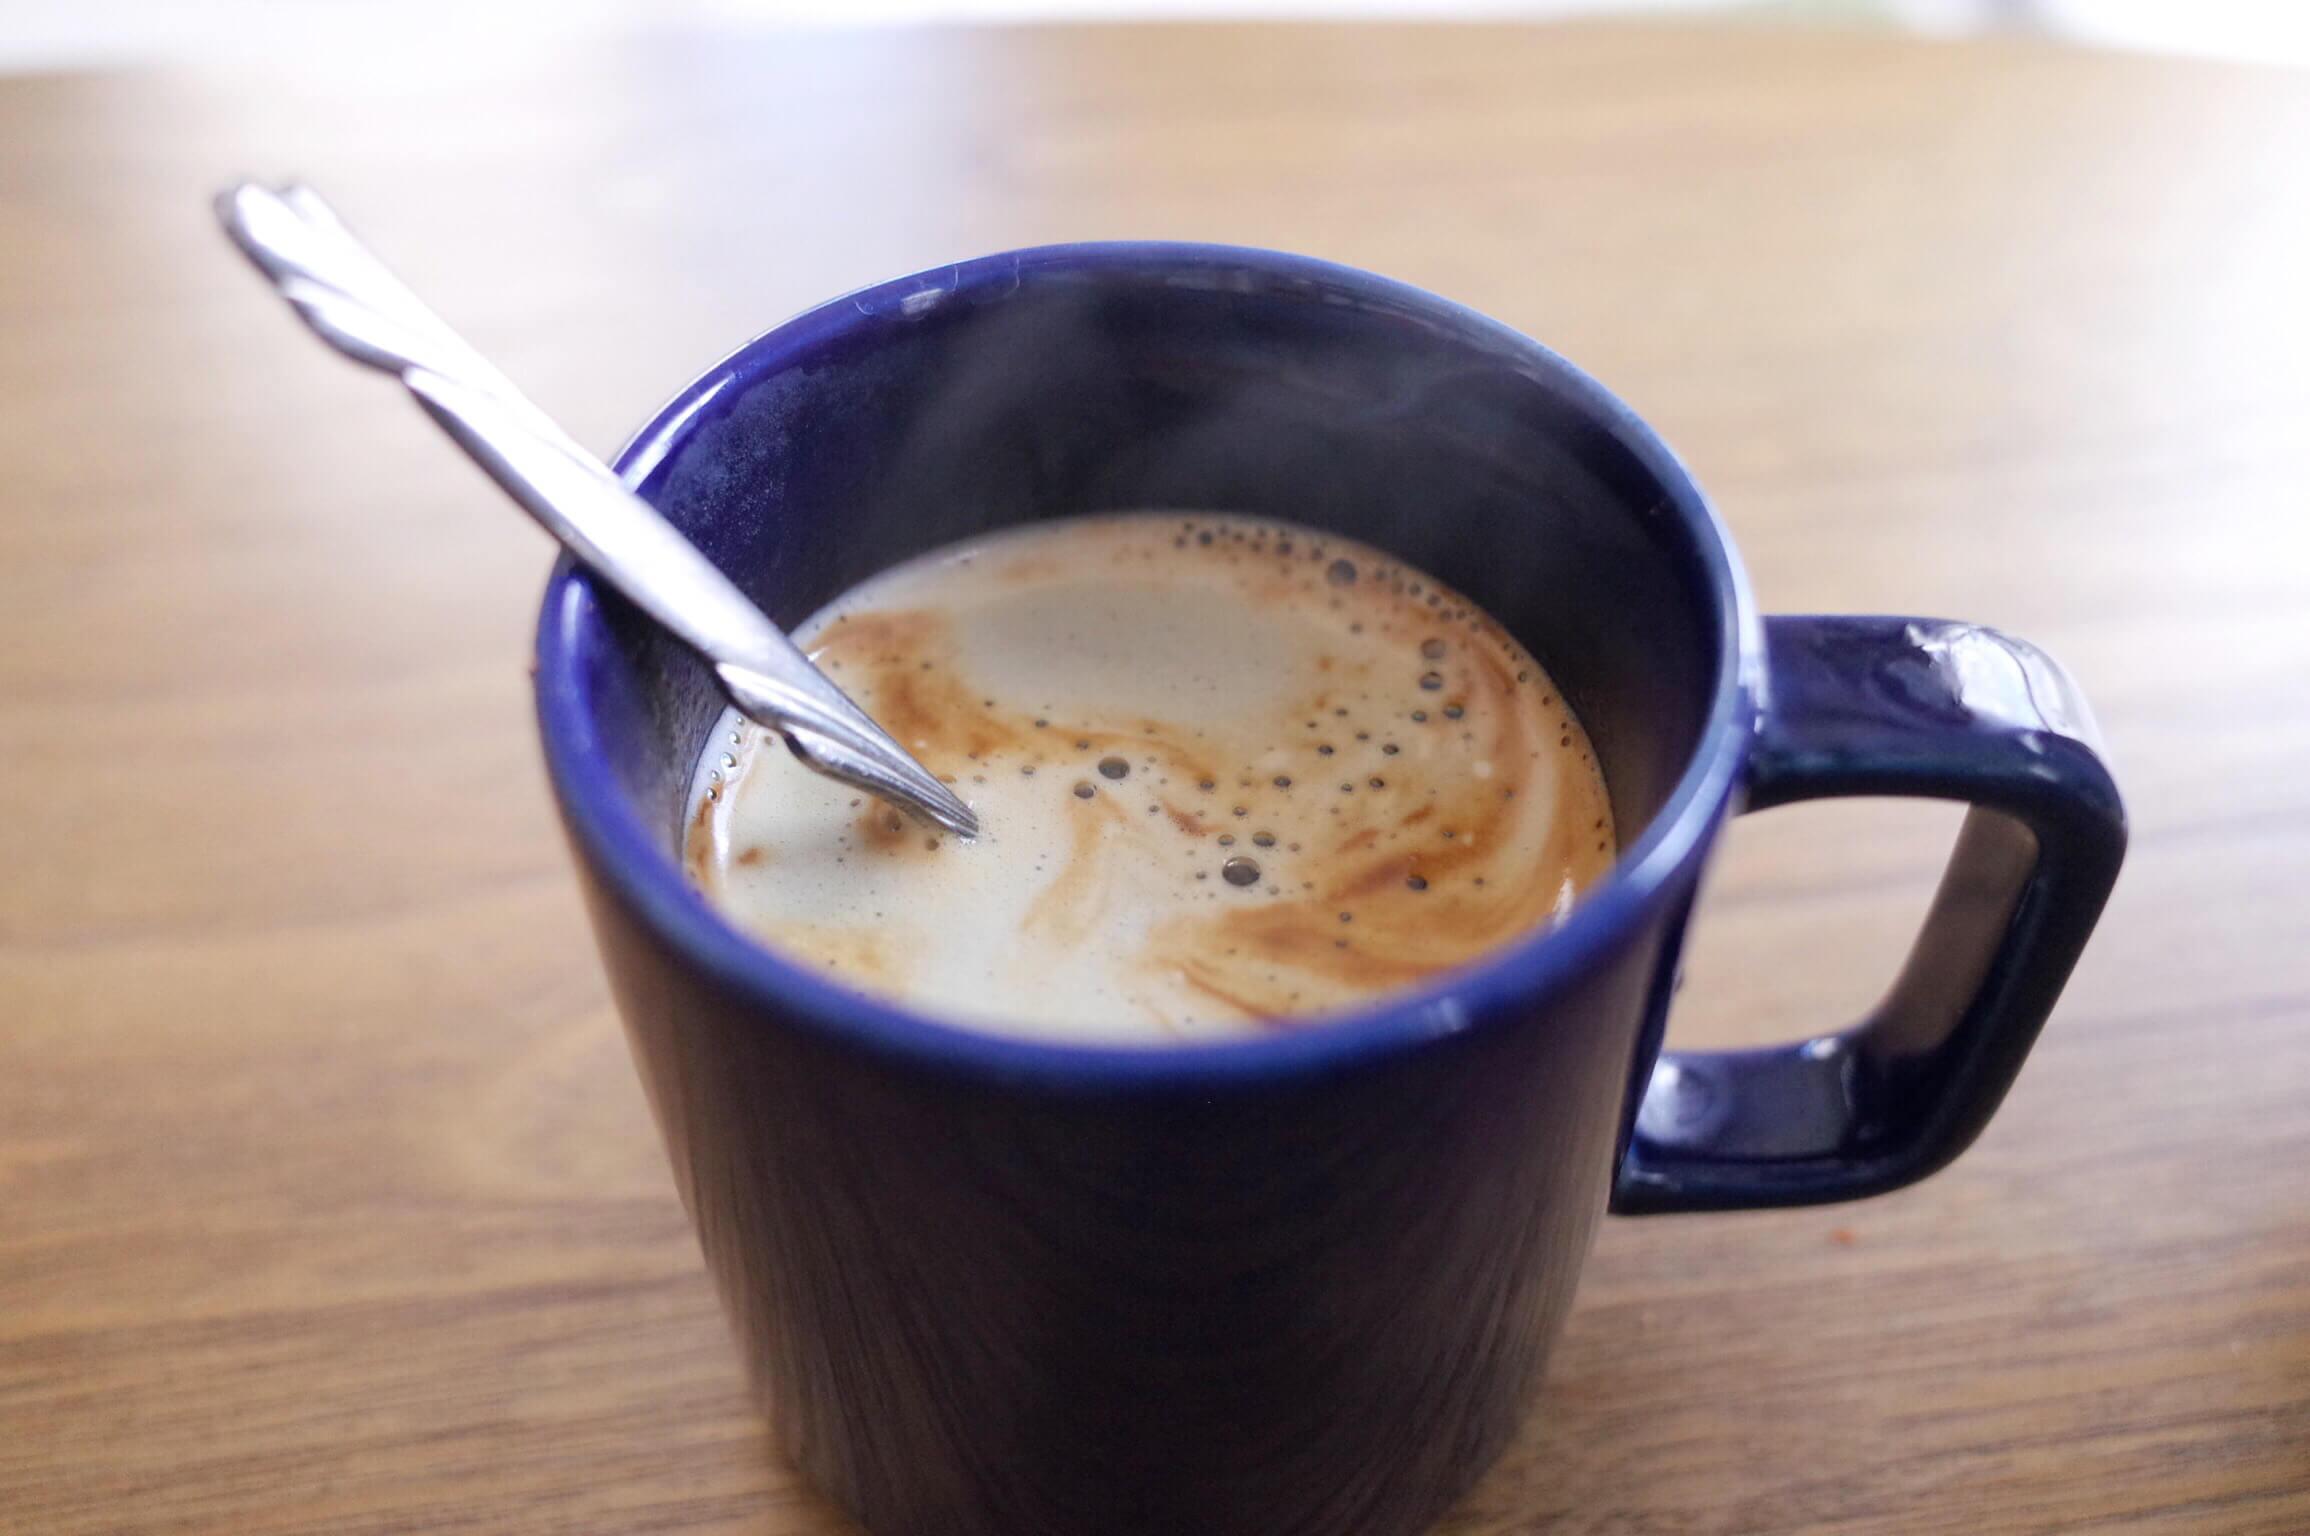 コーヒーを1日に何杯もガバガバ飲む人はノンカフェインの「たんぽぽコーヒー」を試してみたら